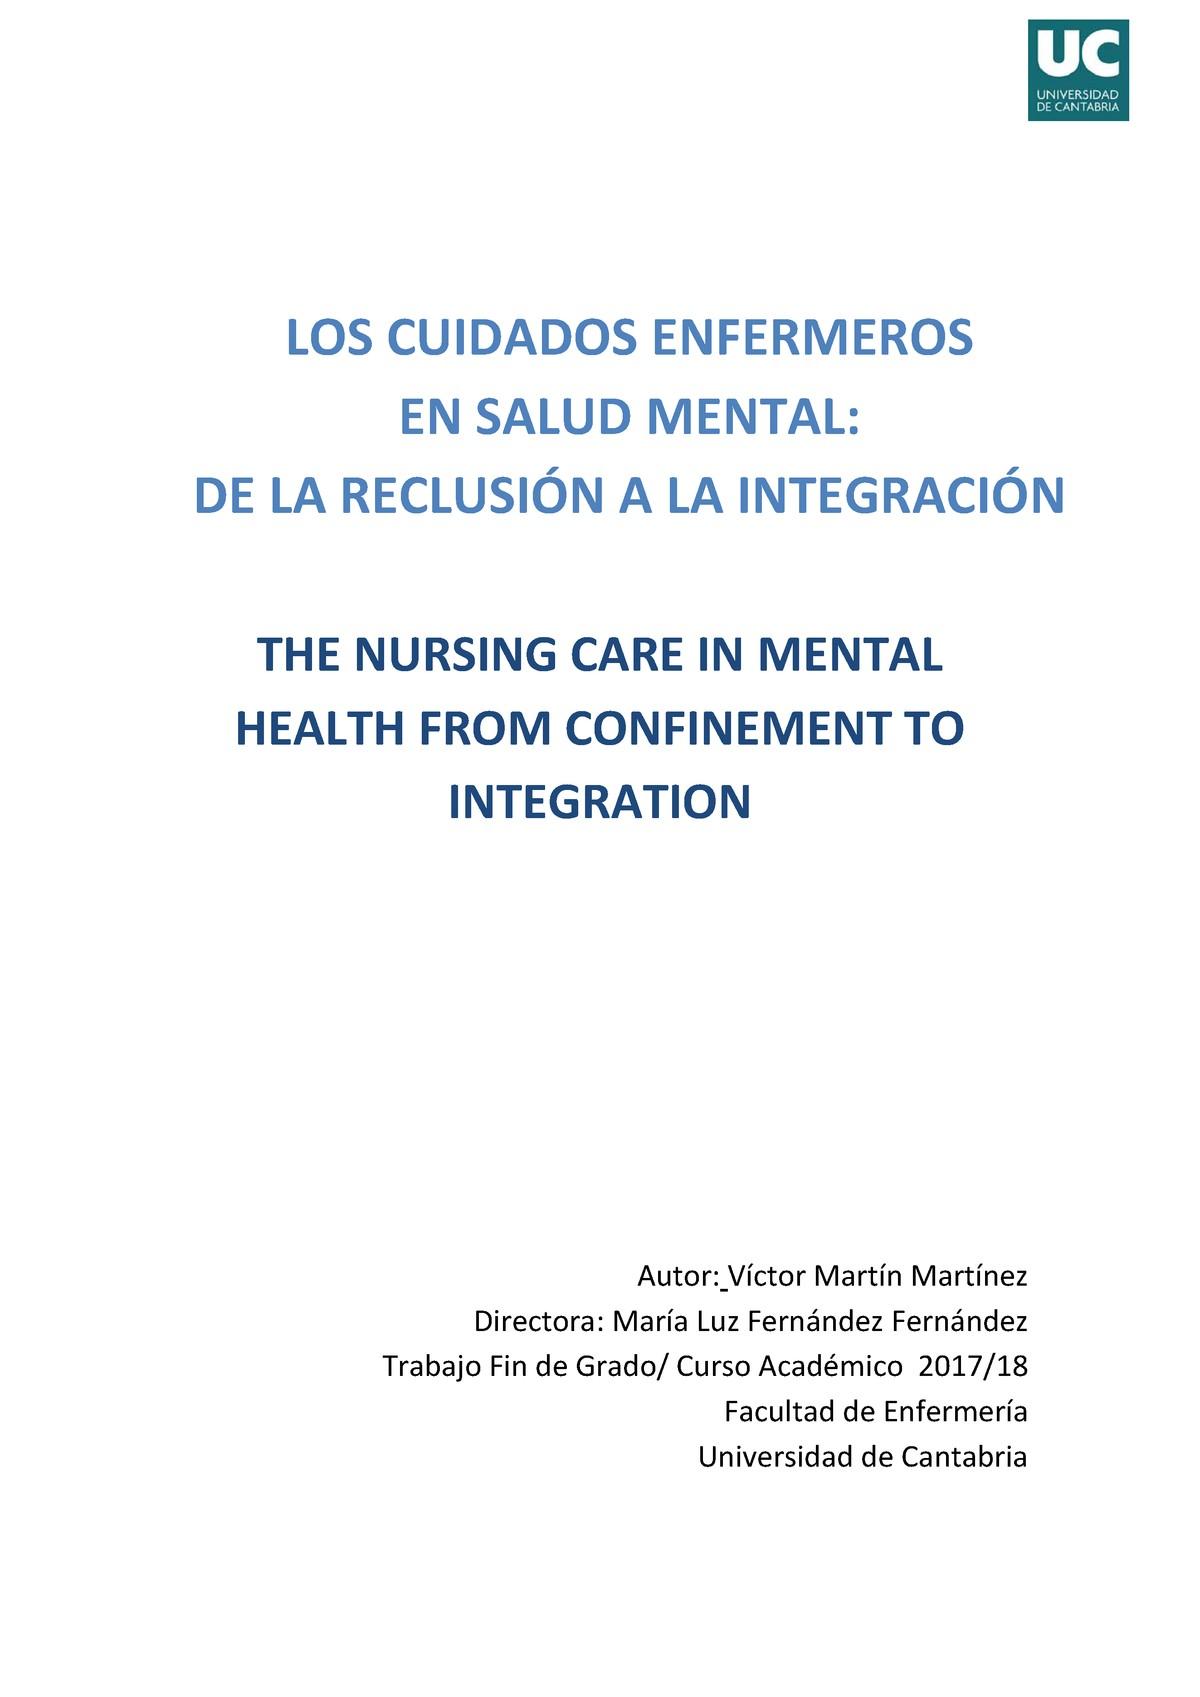 LOS Cuidados Enfermeros 340 Public health StuDocu